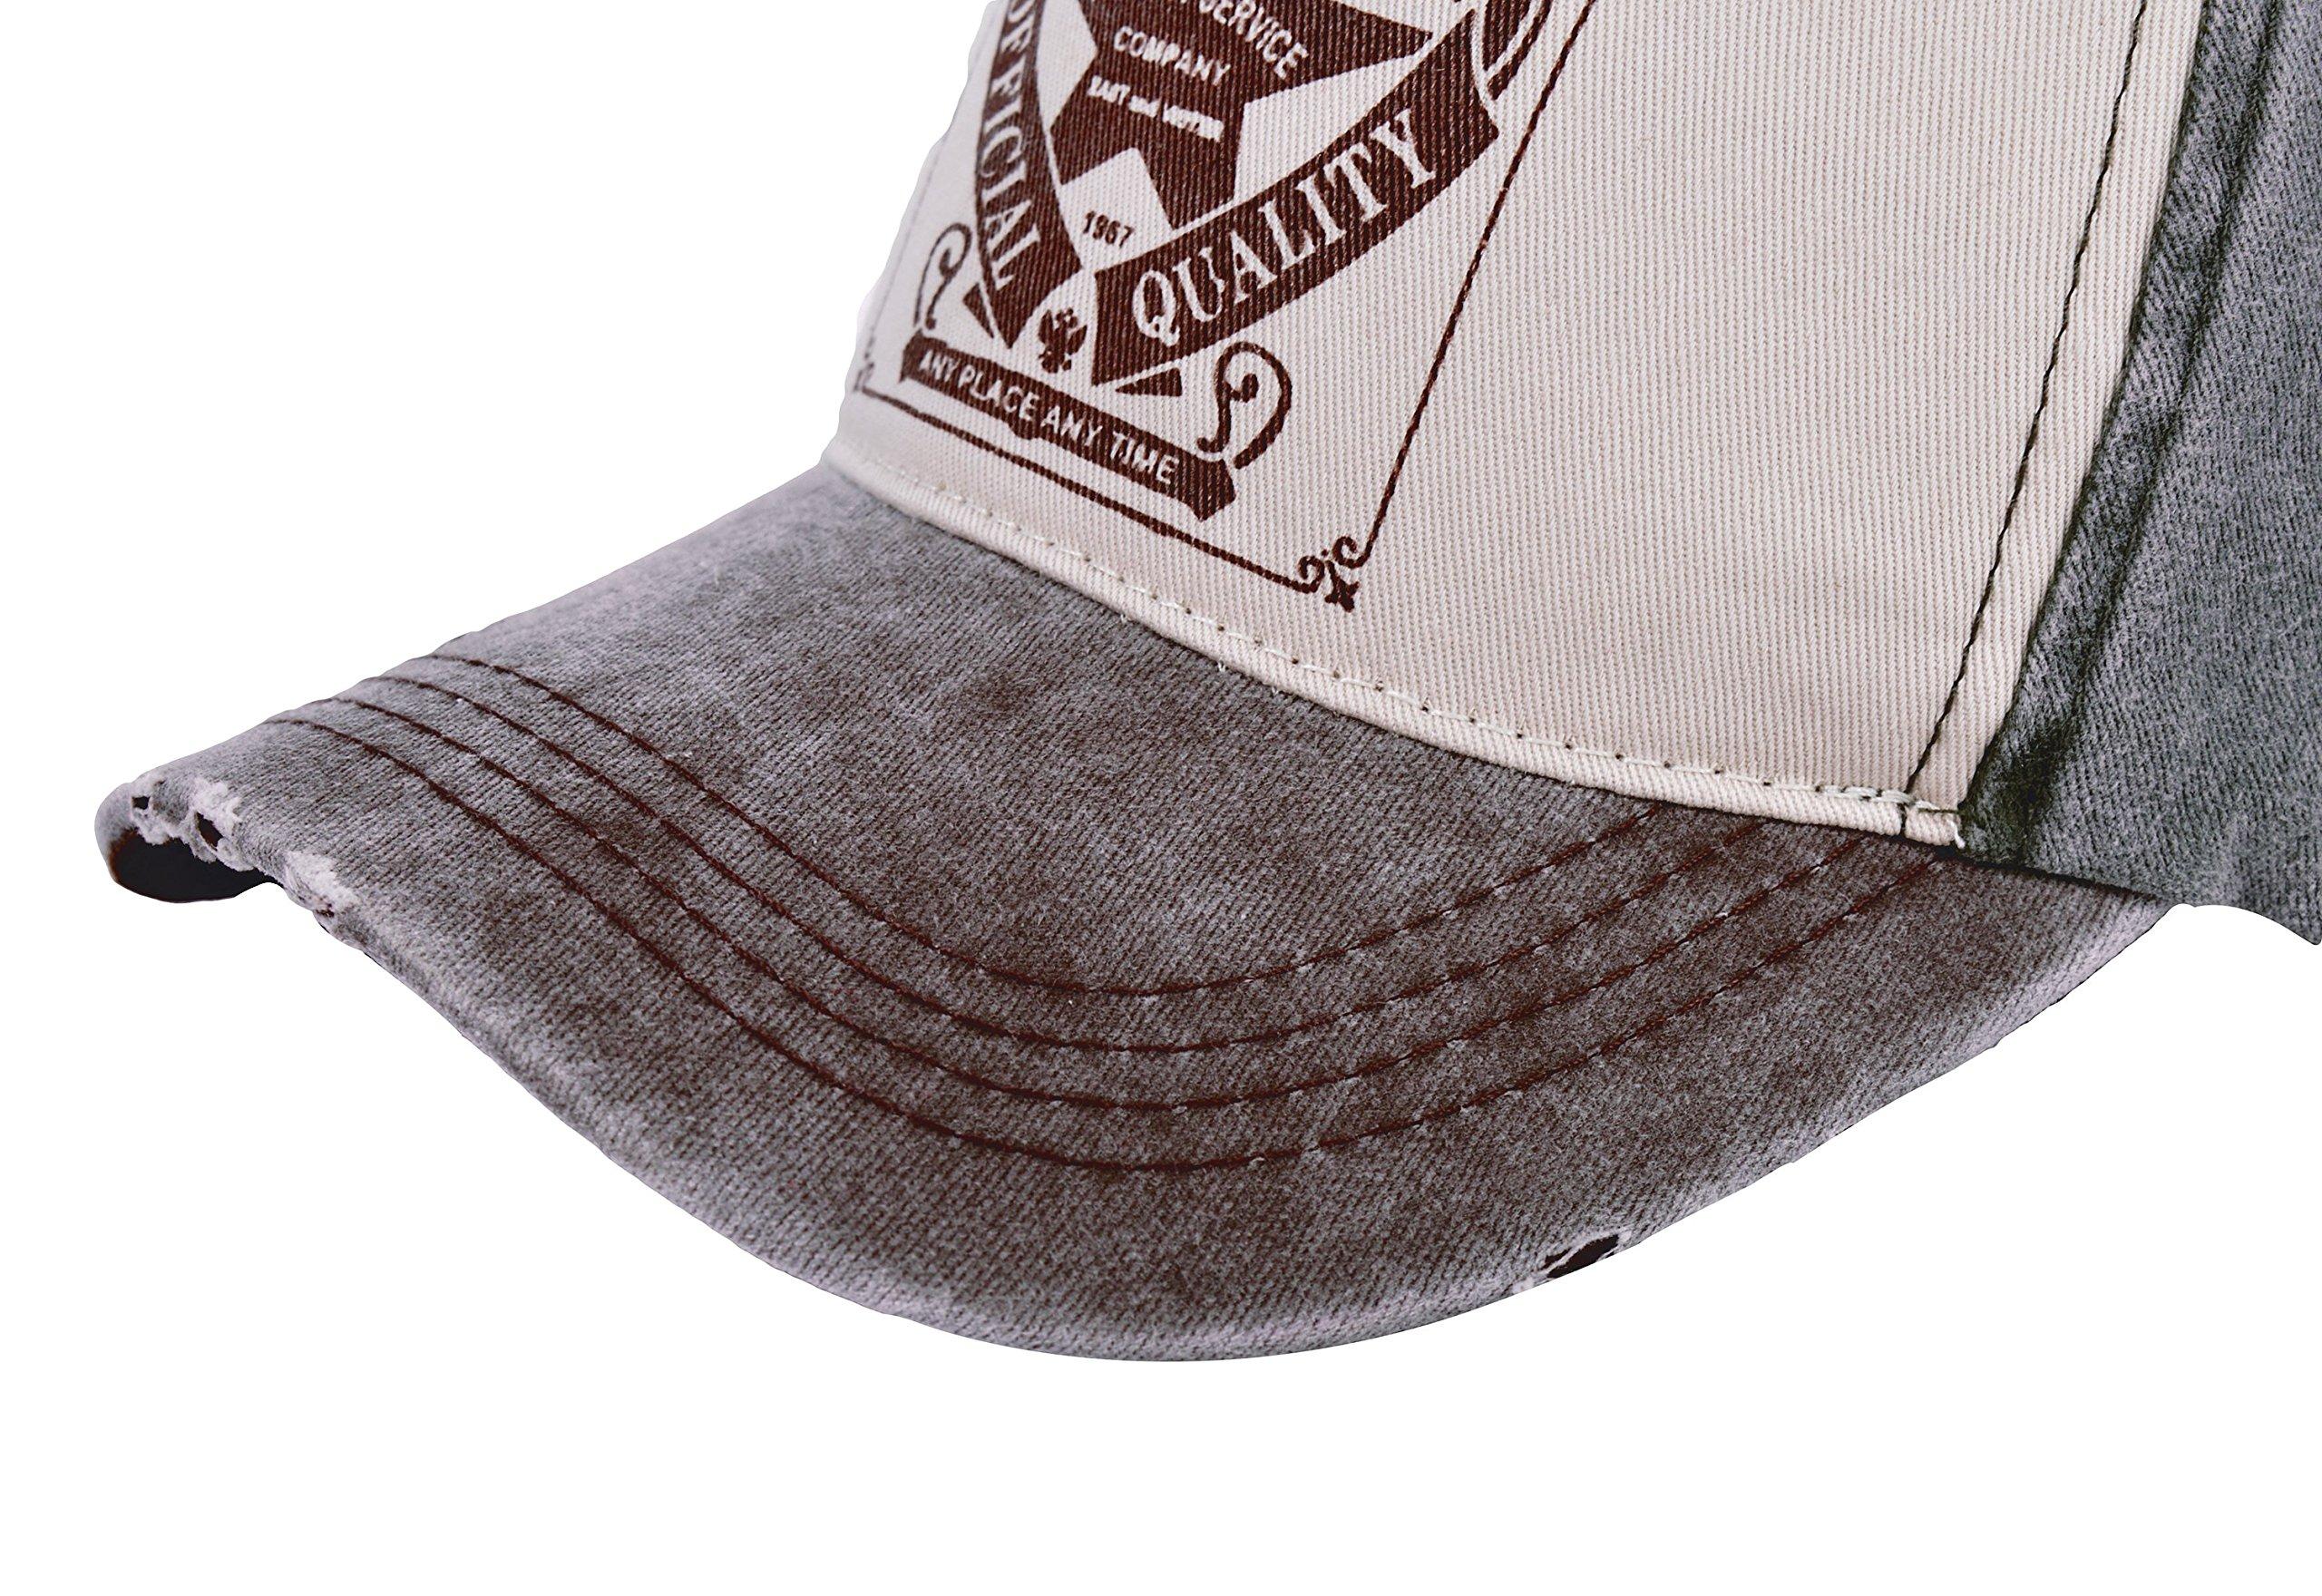 HonourSport Unisex Cappellini Berretto Cappellino da Baseball cap Cappello  Estate Stabile Moderno Taglia Unica 8cac61ca47a5